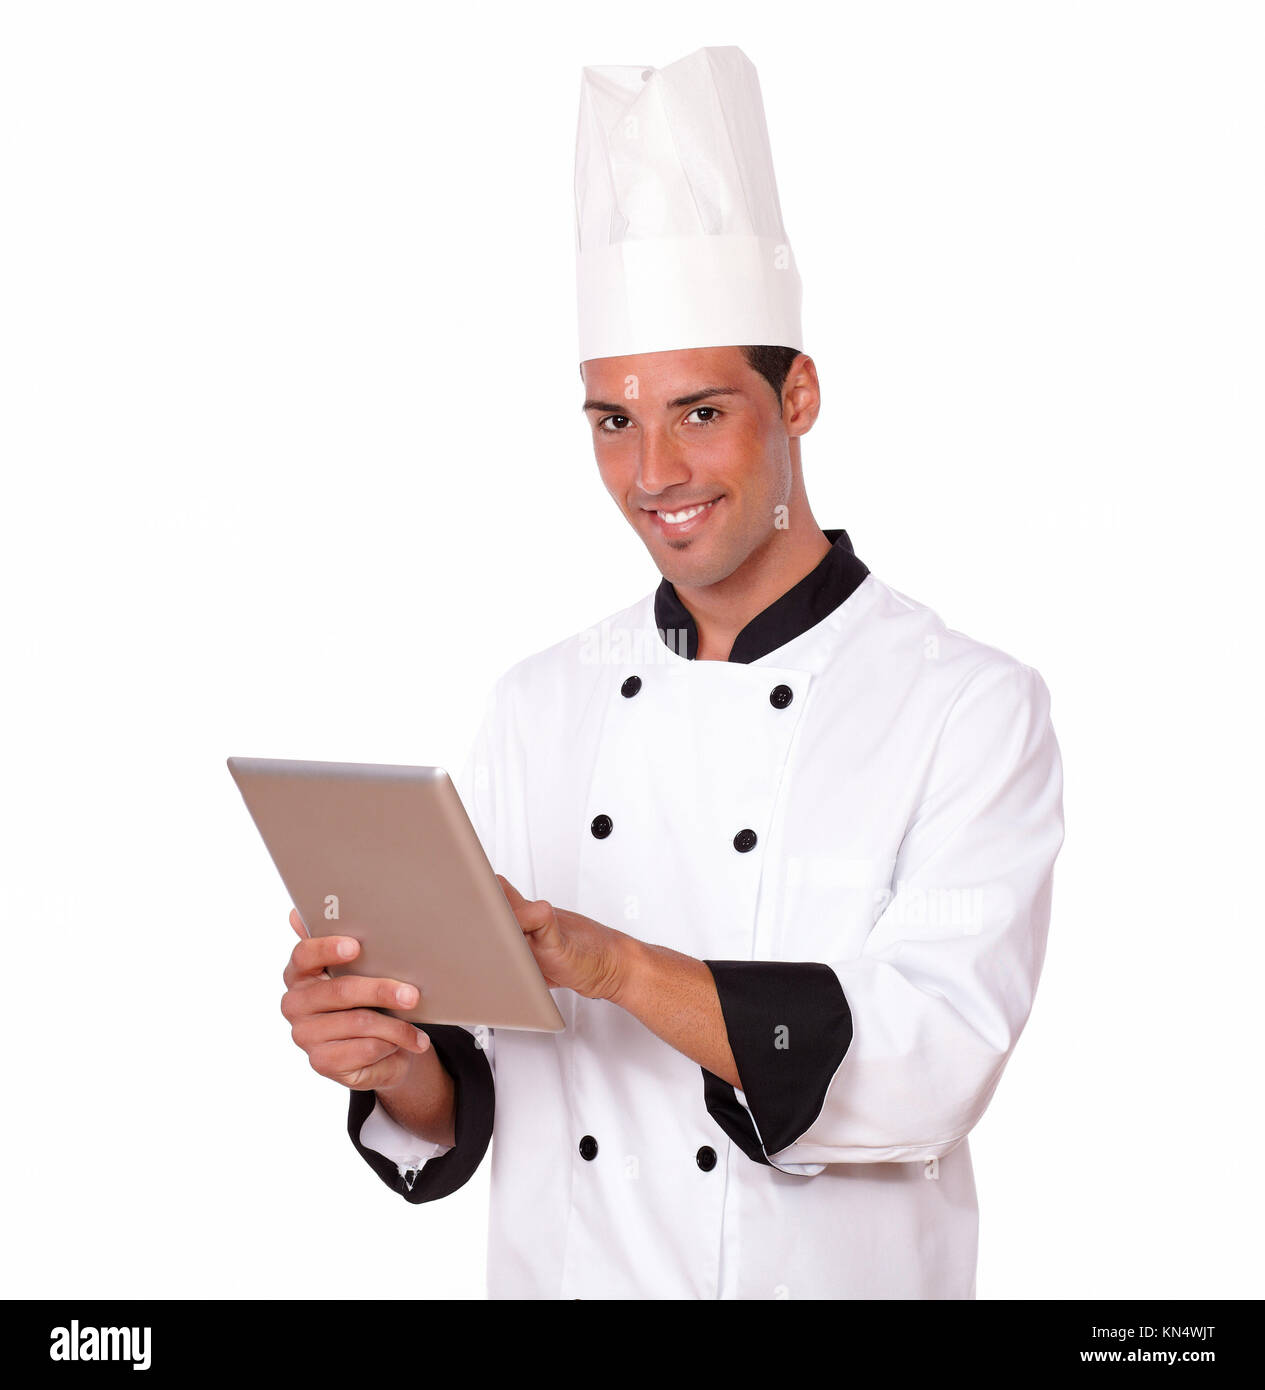 Portrait Professional 20 s Koch Mann auf weiße Uniform mit seinem tablet pc während sie lächelnd Stockbild